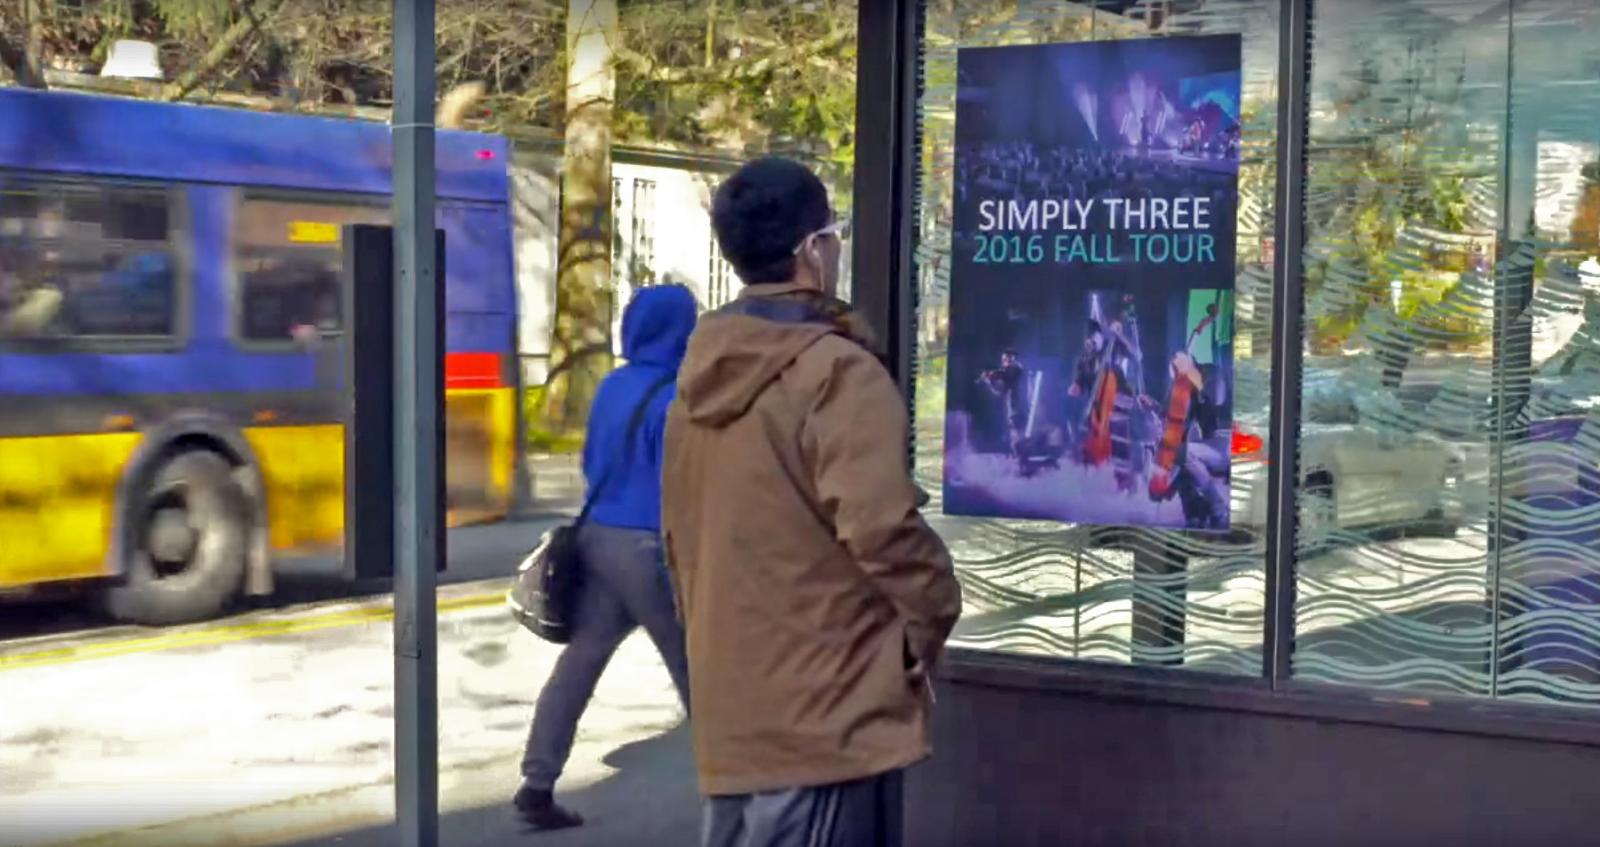 Man looks at singing poster